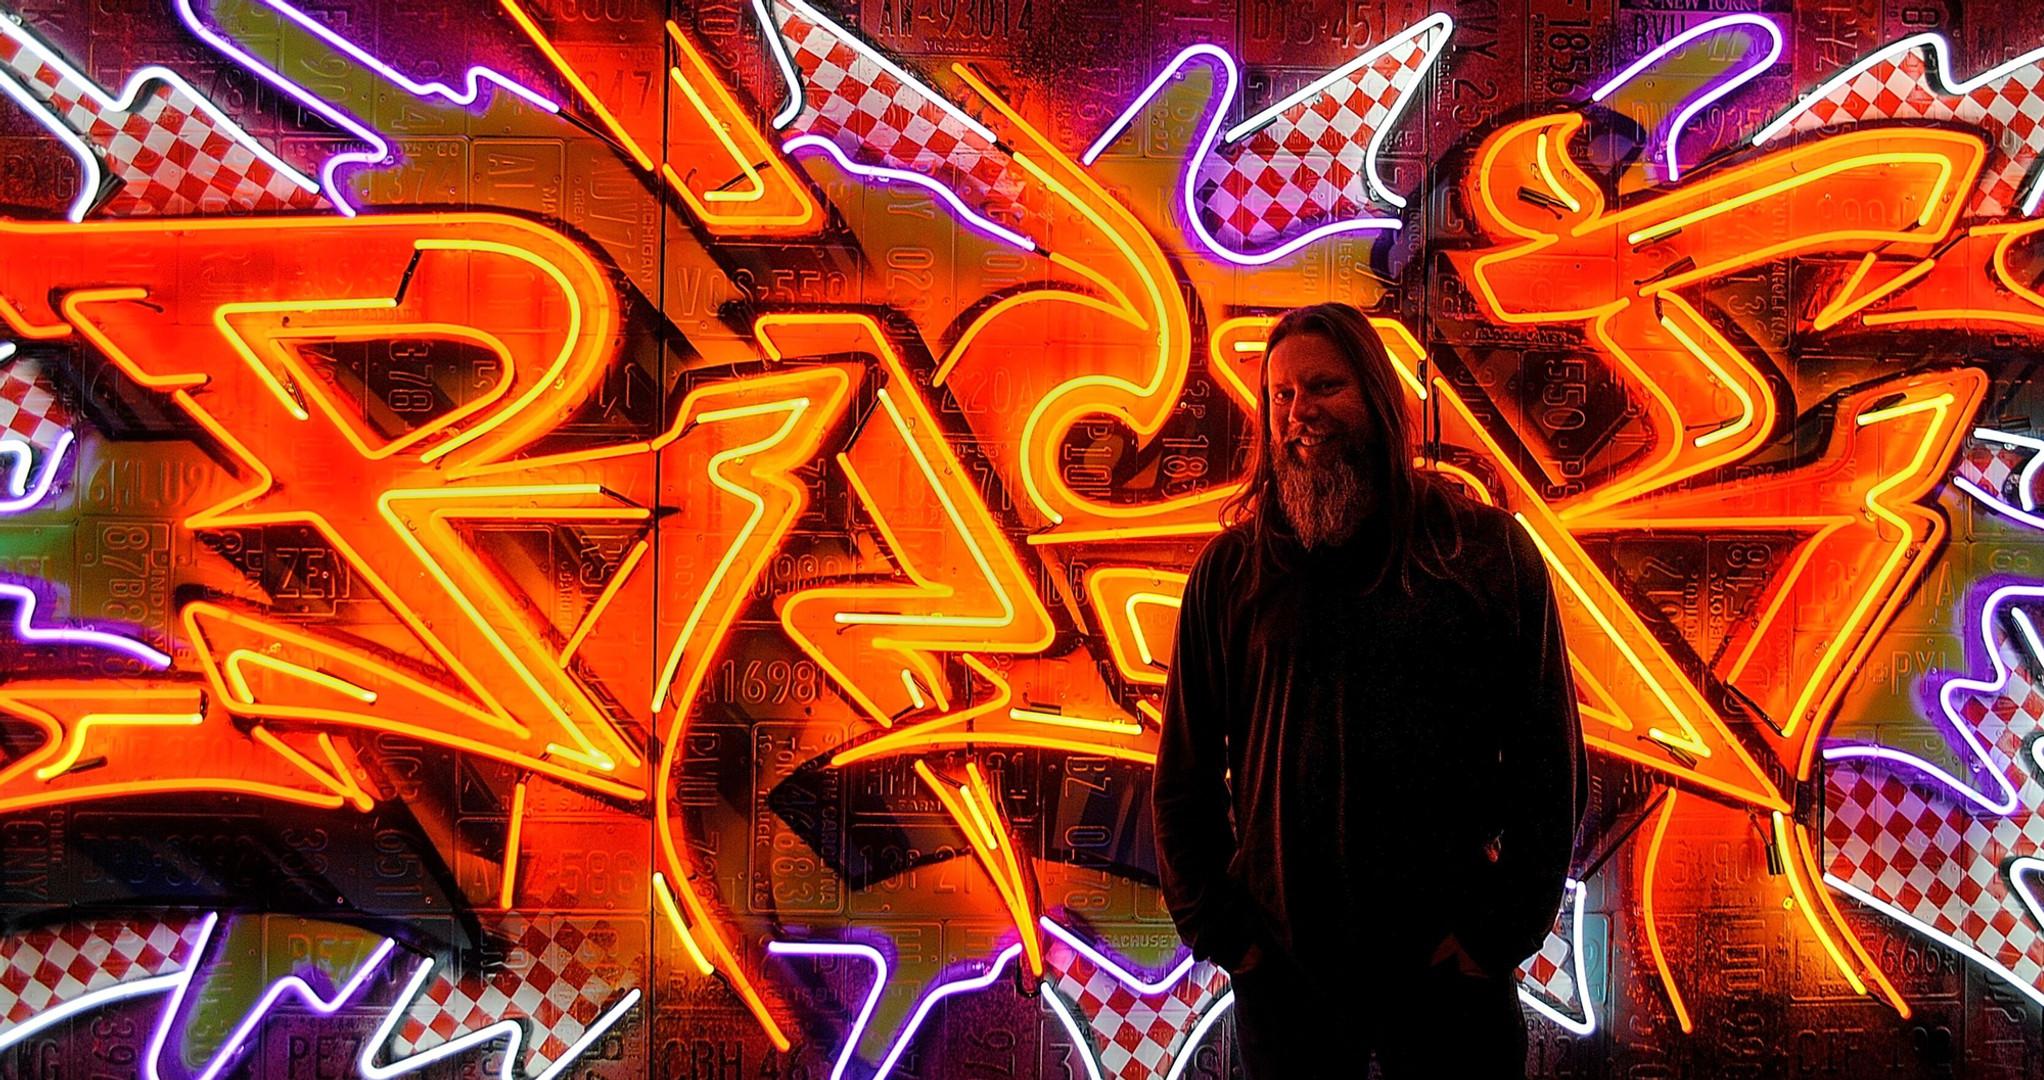 RISK neon